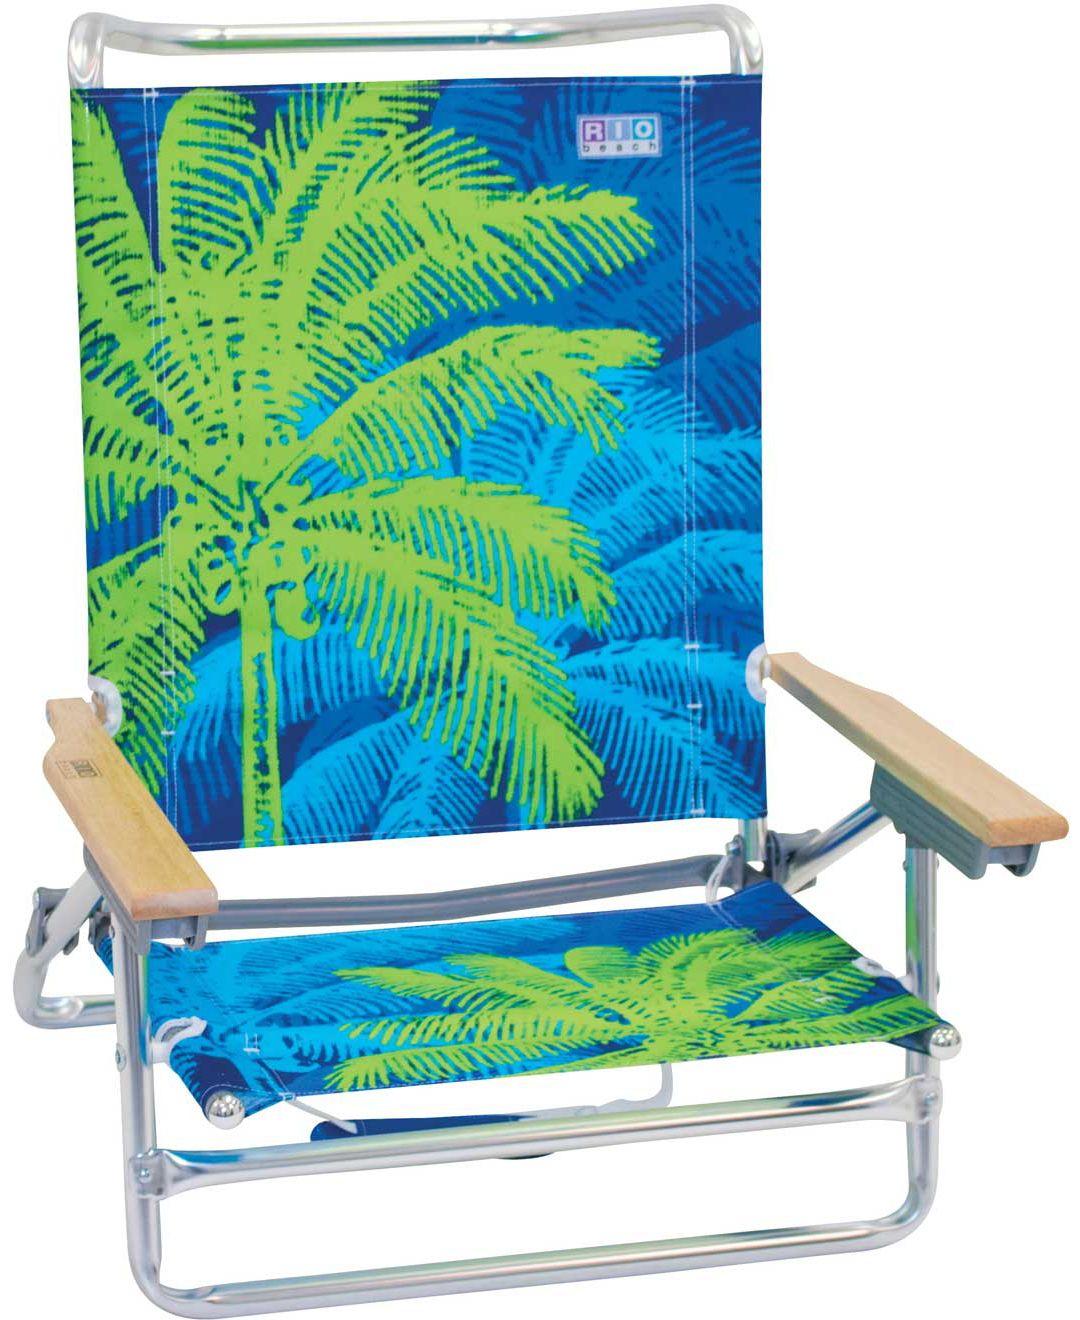 Rio 5 Position Beach Chair